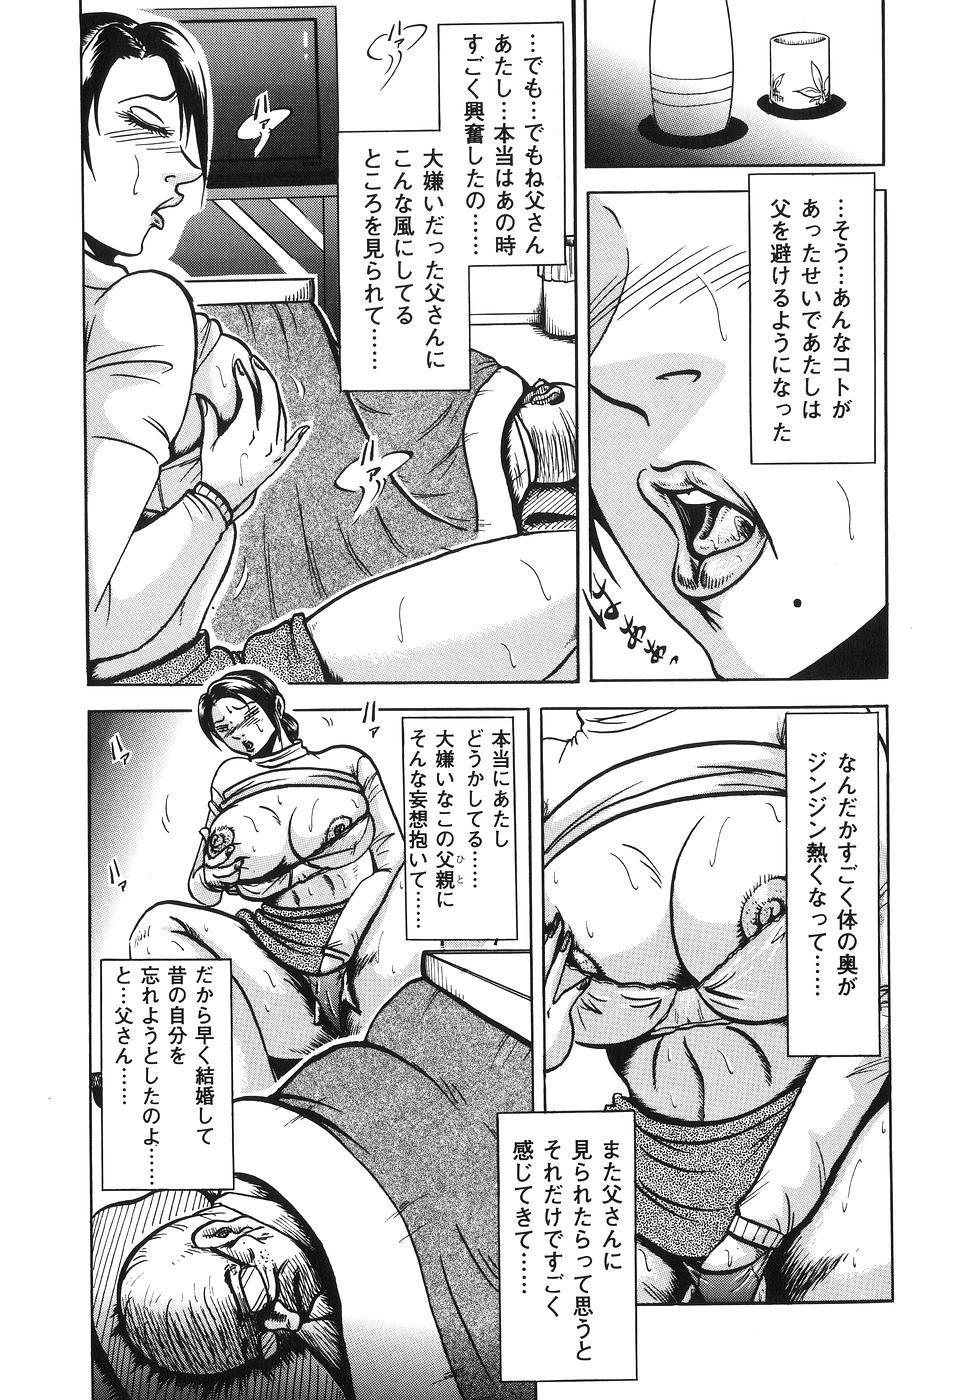 Jukubo Soukan Yosoji no Tawamure 154